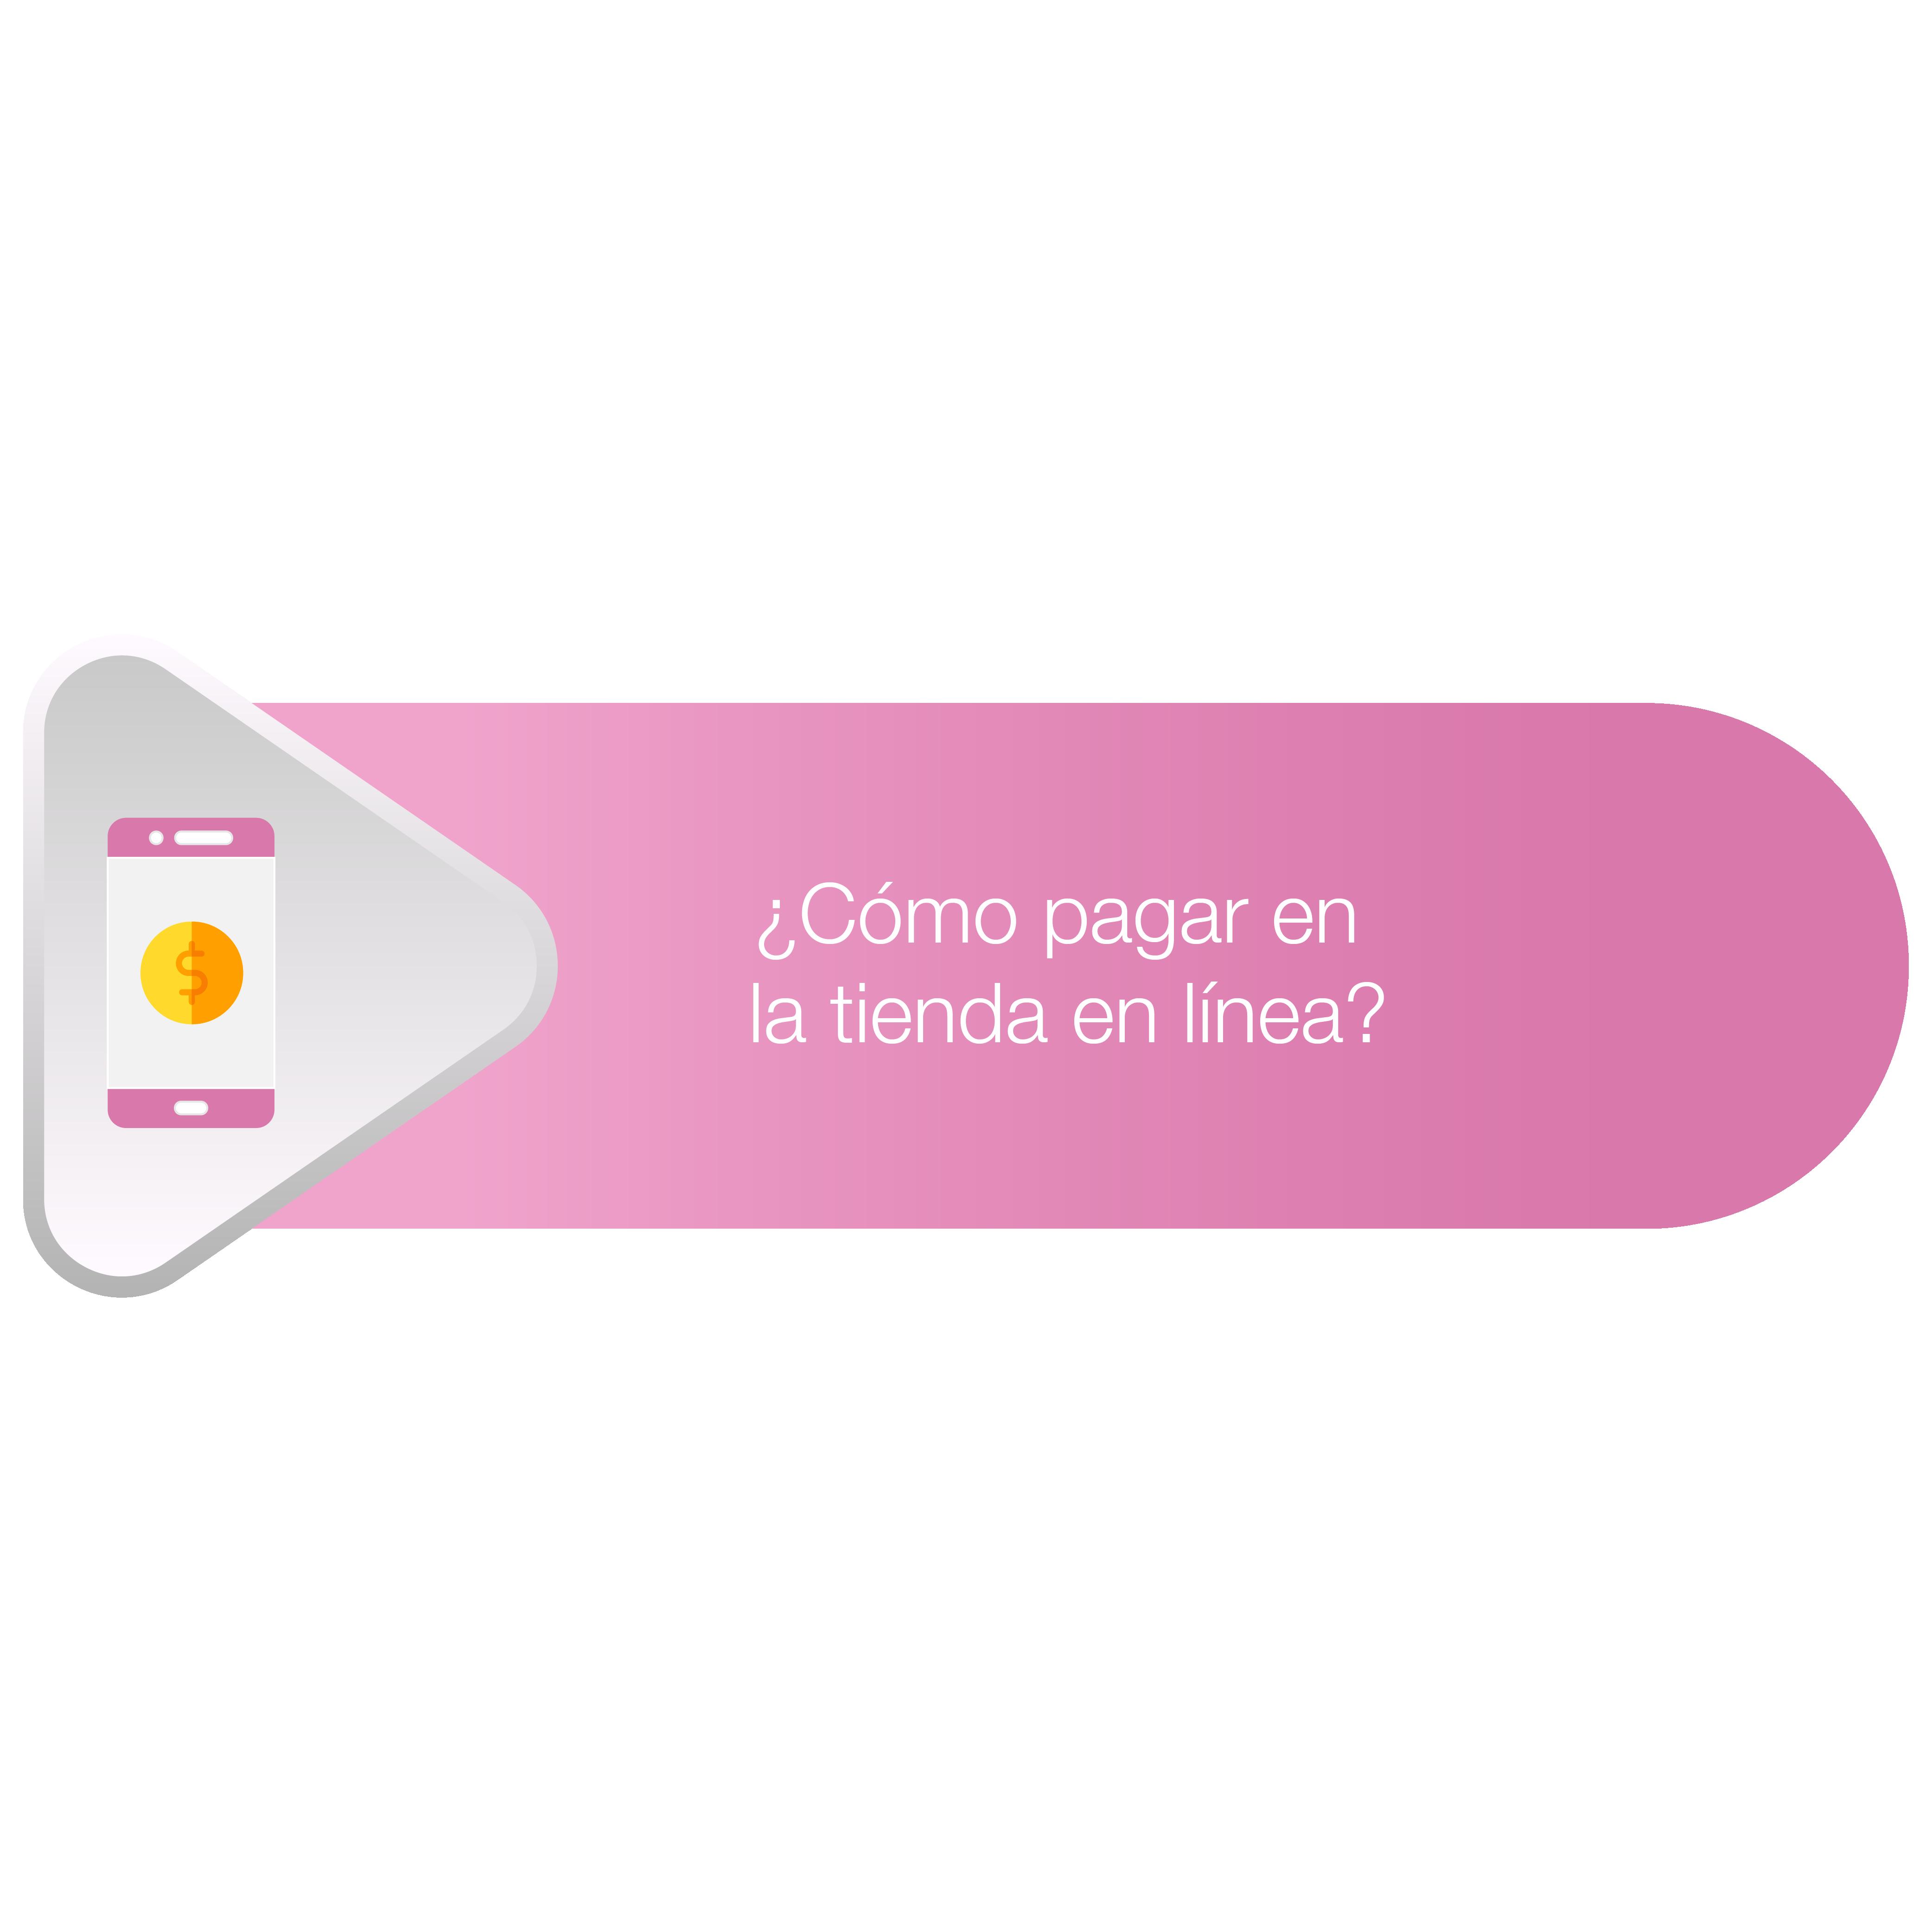 botones de compra en linea_pagar.png